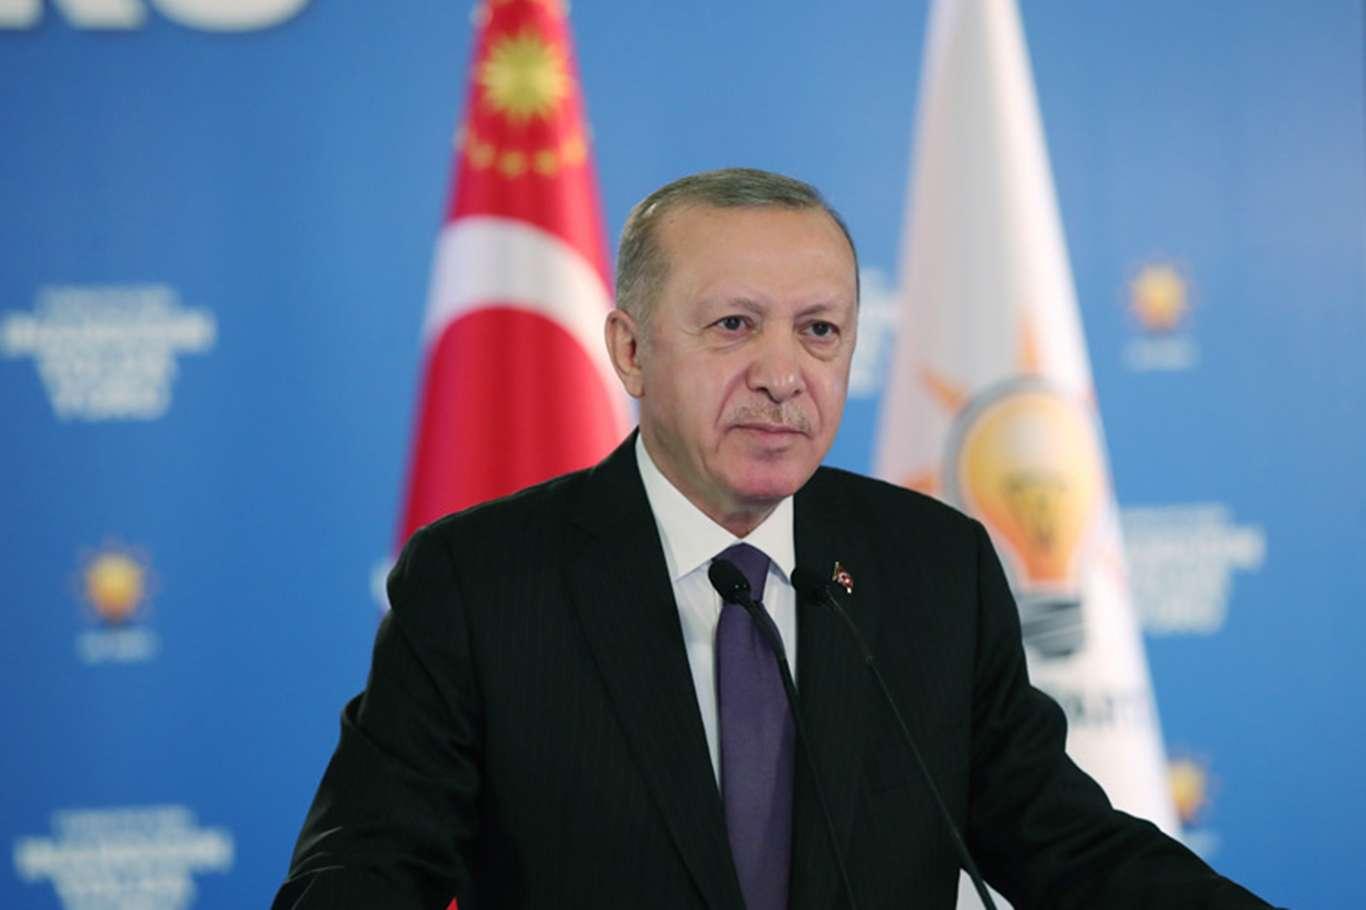 Başkan Erdoğan'dan Yeni Anayasa Çalışması Hakkında Açıklama